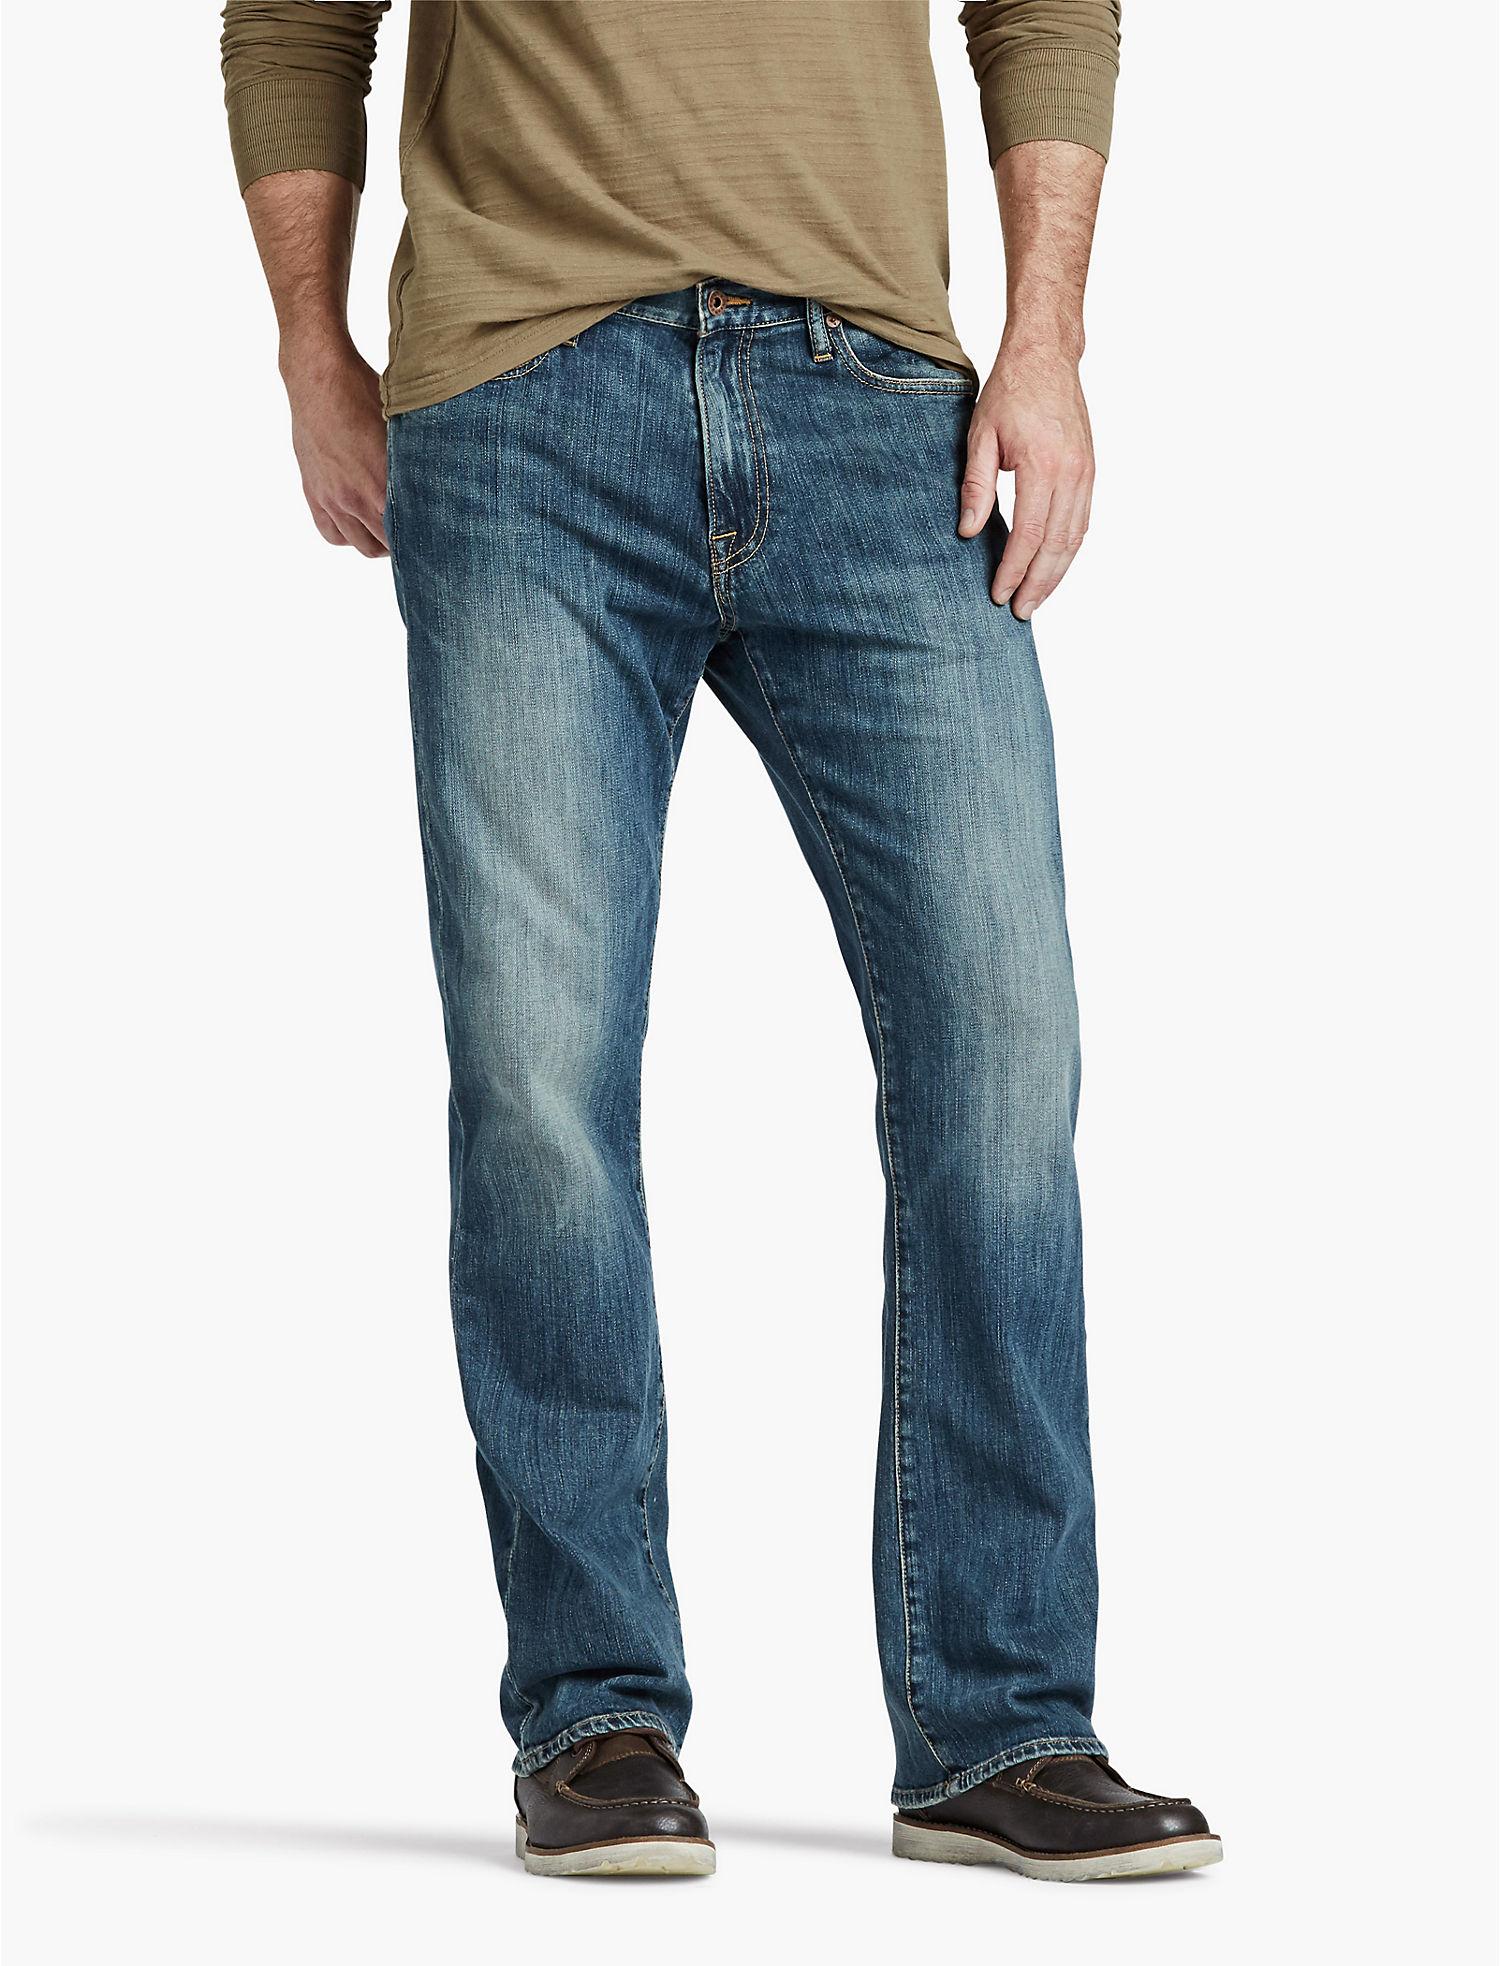 Men's Light Wash Jeans | Lucky Brand